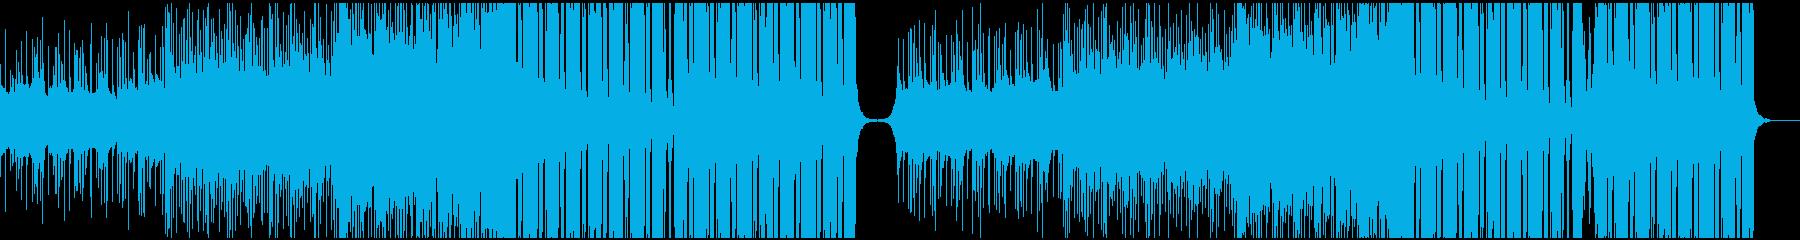 壮大で切ない系のEDMの再生済みの波形